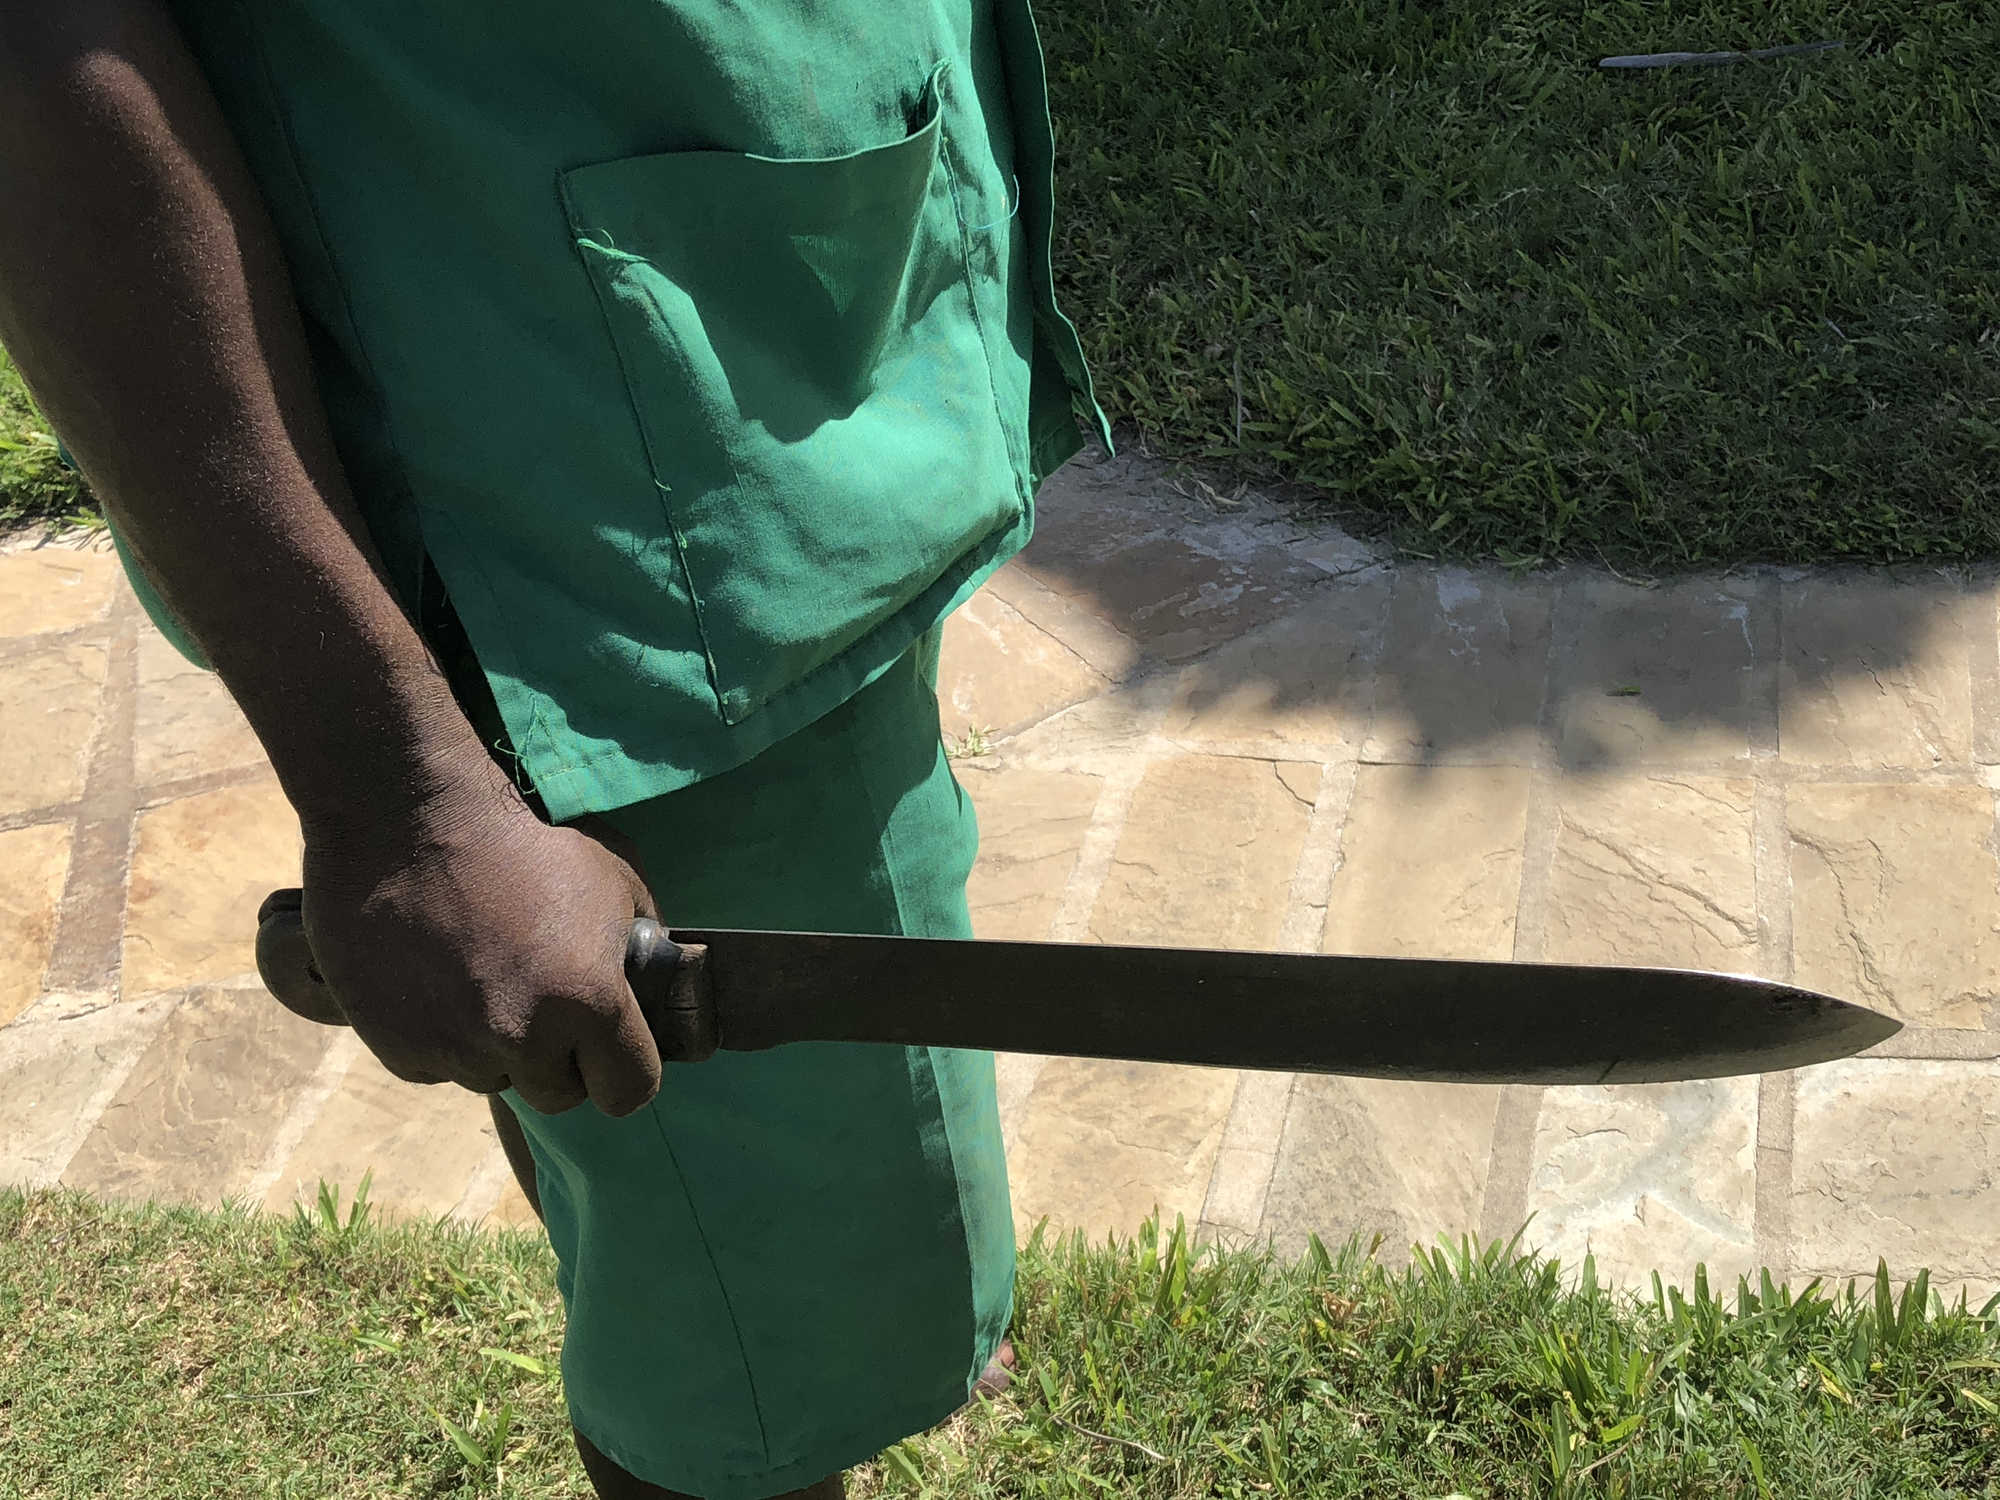 Un bărbat și-a decapitat soția și s-a dus la secția de poliție cu capul femeii în mână. Ce a urmat. VIDEO